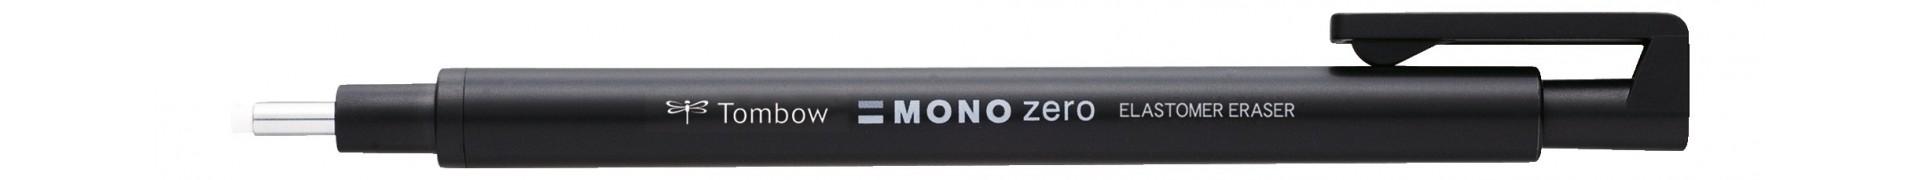 Stylo gomme tombow mono zero pte ronde diam. 2.3 mm noir | magasin sennelier paris depuis 1887